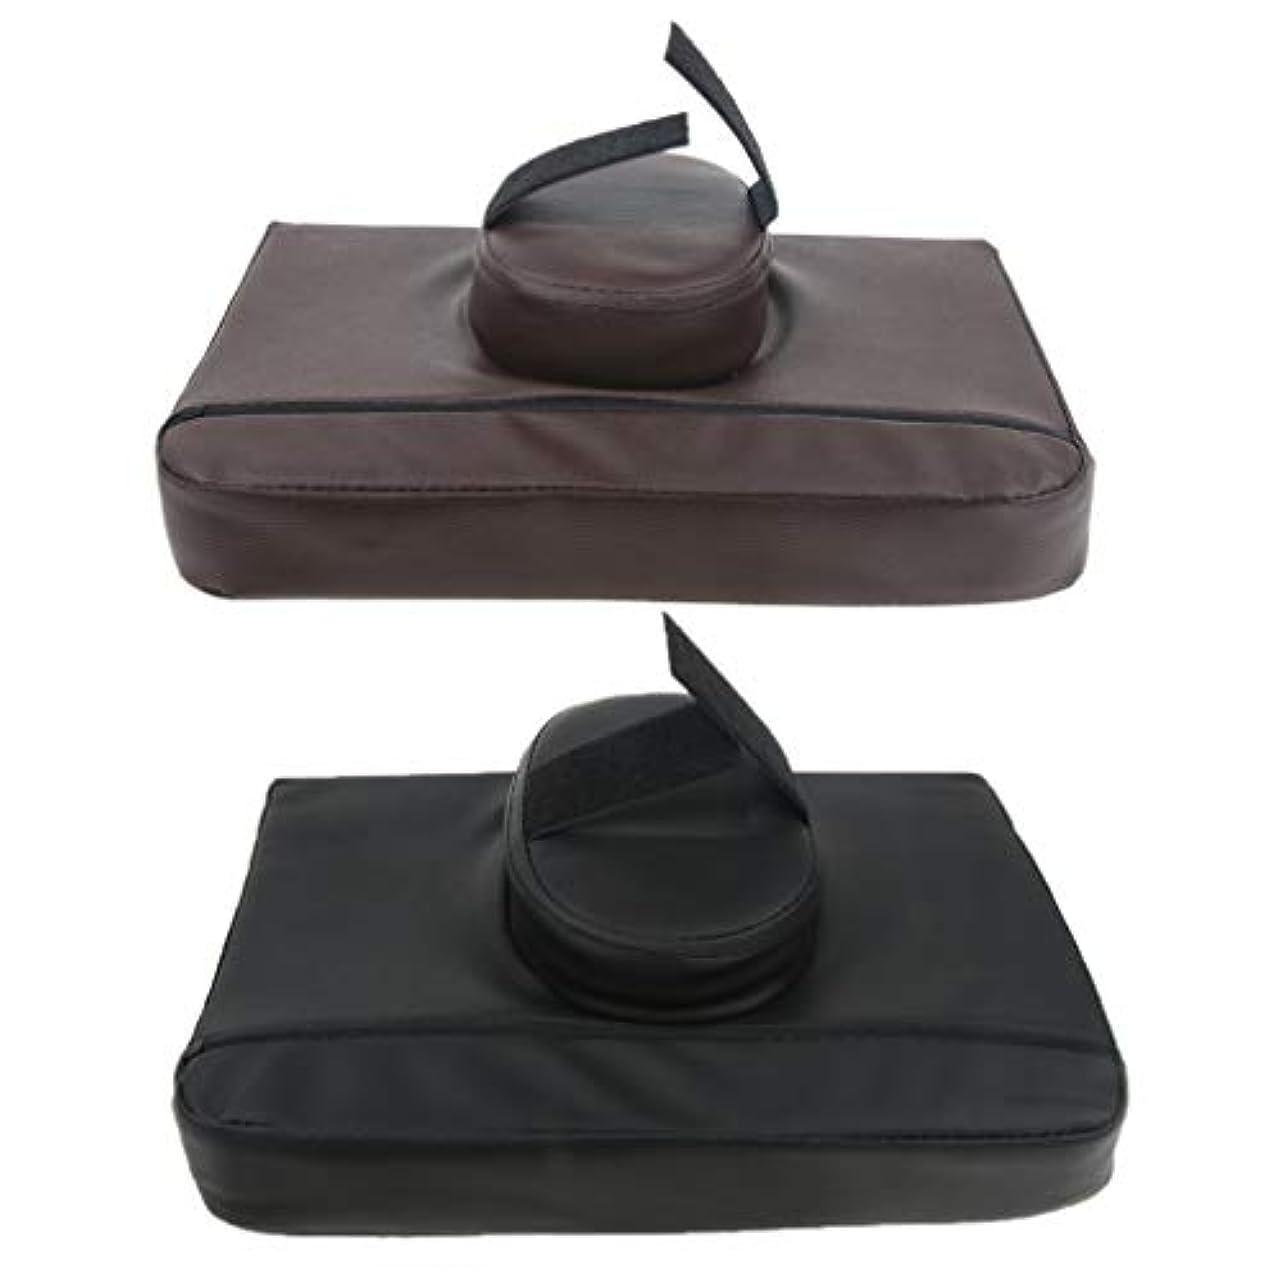 条約徹底世界CUTICATE マッサージ枕 マッサージピロー スクエア マッサージテーブル用クッション 通気性 快適 実用的 2個